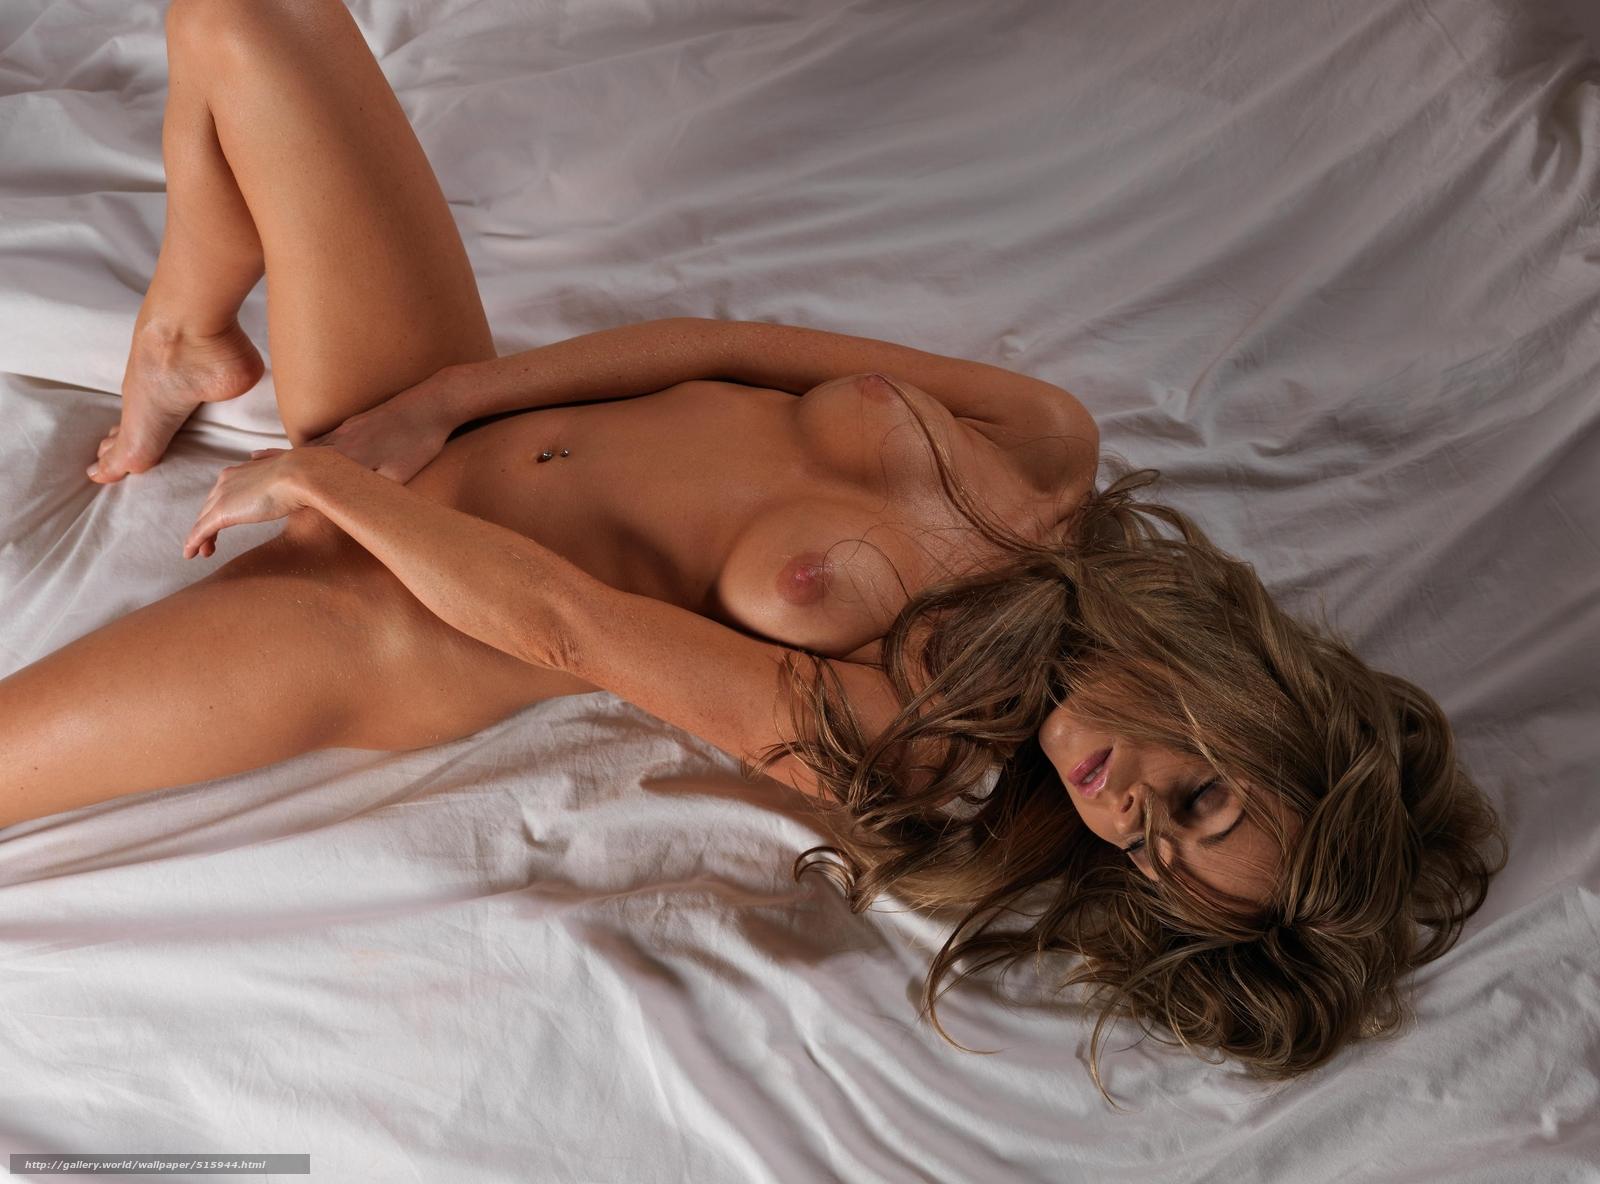 Эротическое фото в hd смотреть бесплатно и без регистрации 8 фотография